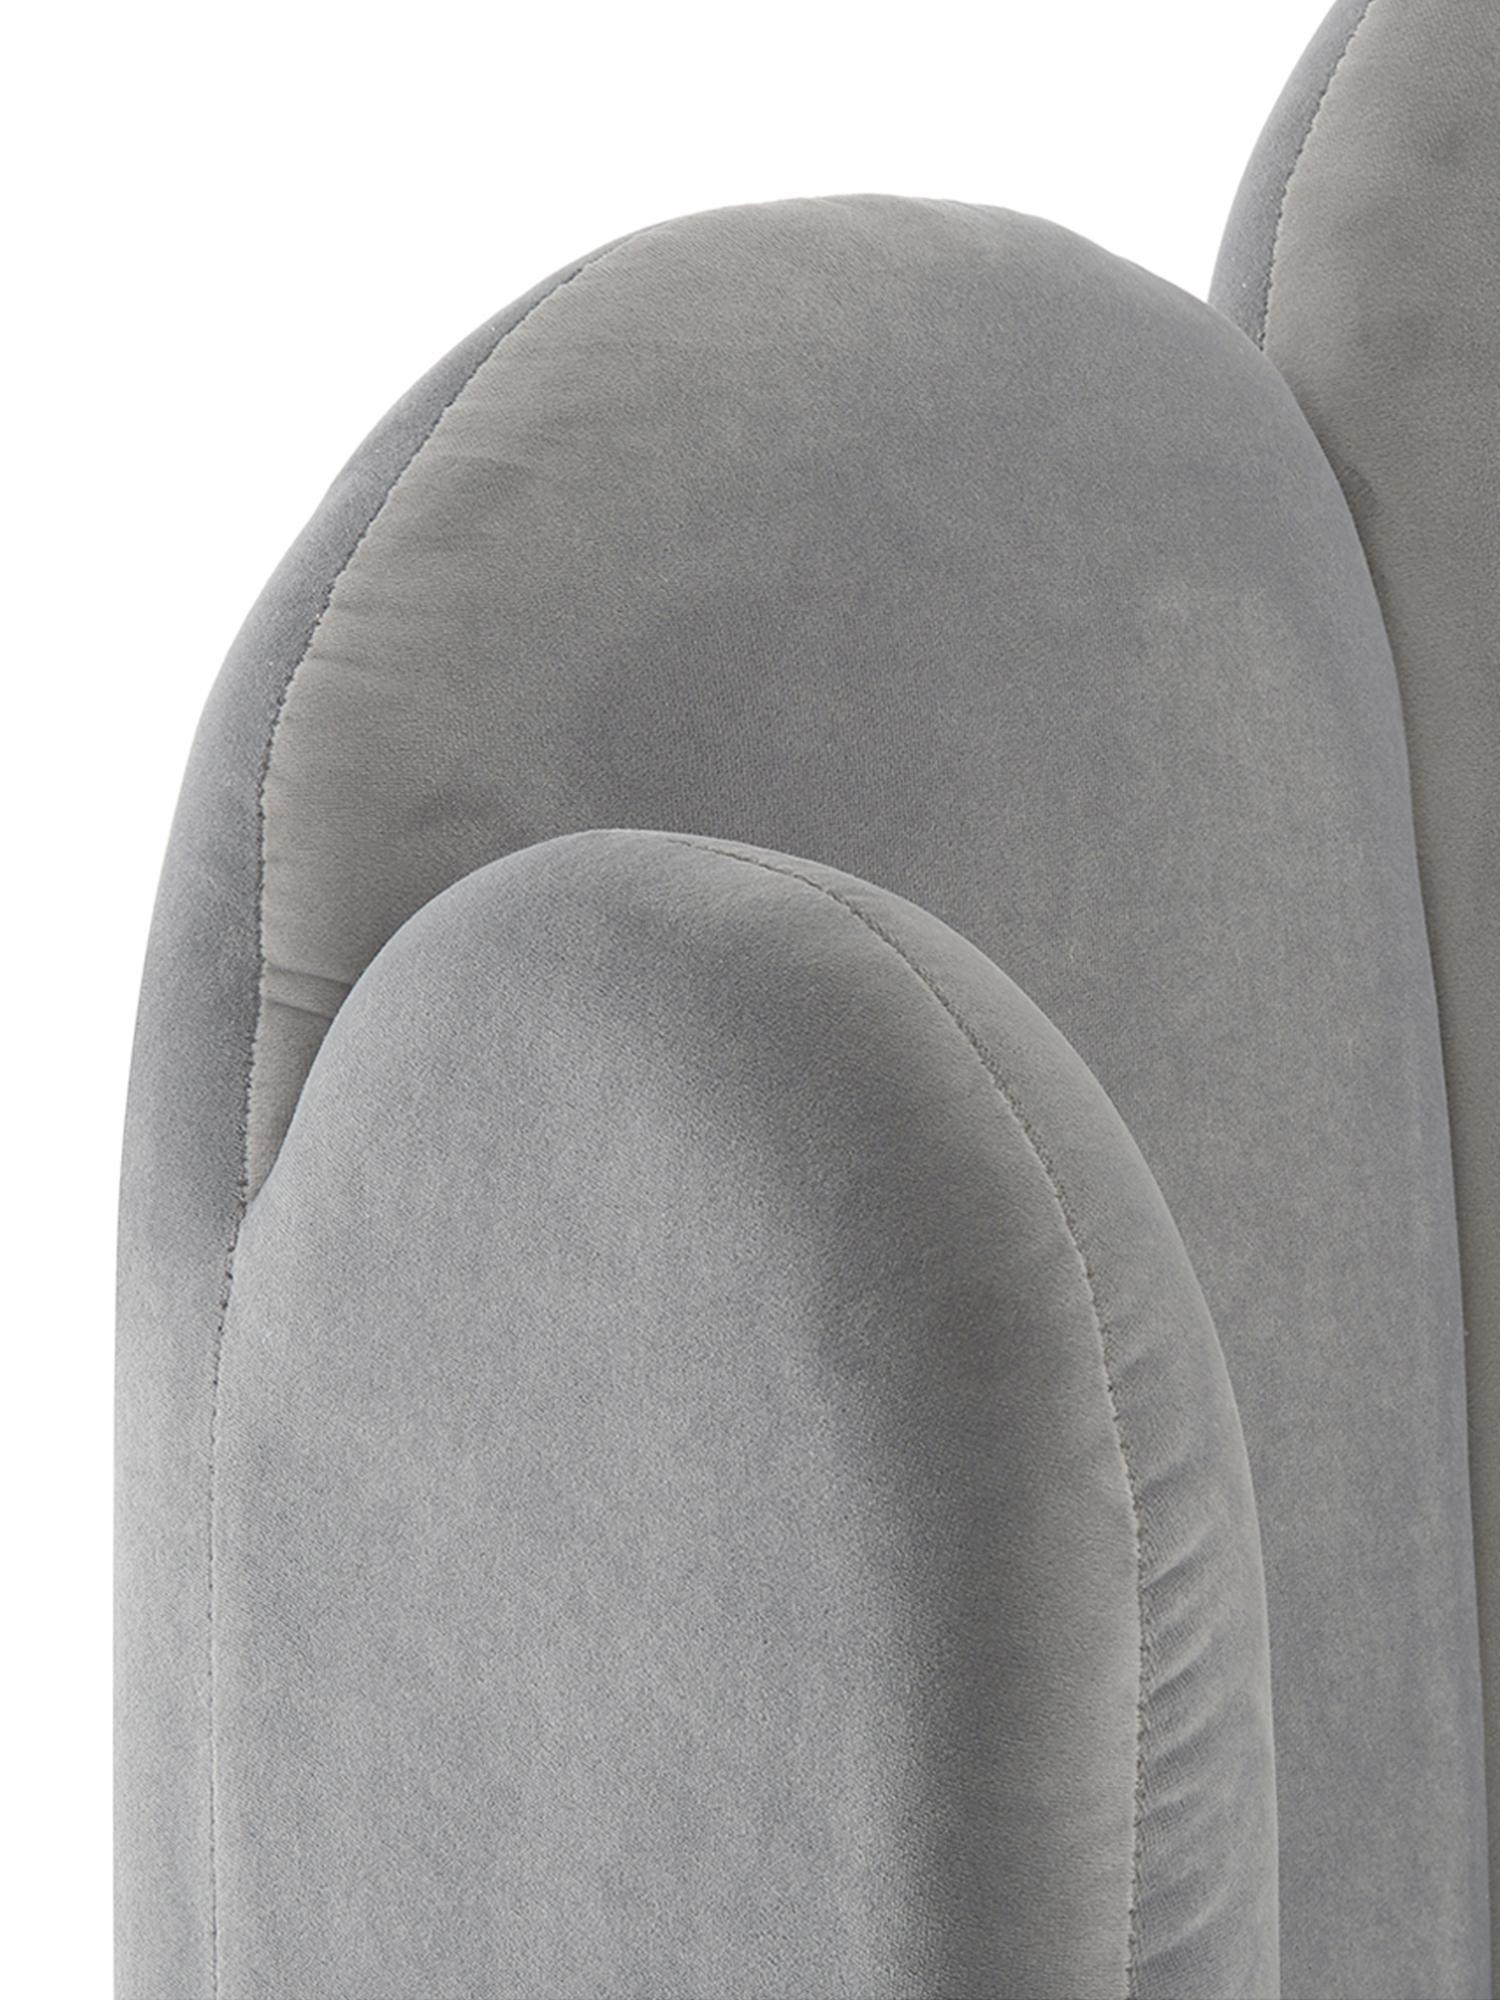 Letto matrimoniale imbottito in velluto Glamour, Piedini: metallo ottonato, Rivestimento: velluto (poliestere) 100., Rivestimento: grigio Piedini: dorato lucido, 160 x 200 cm